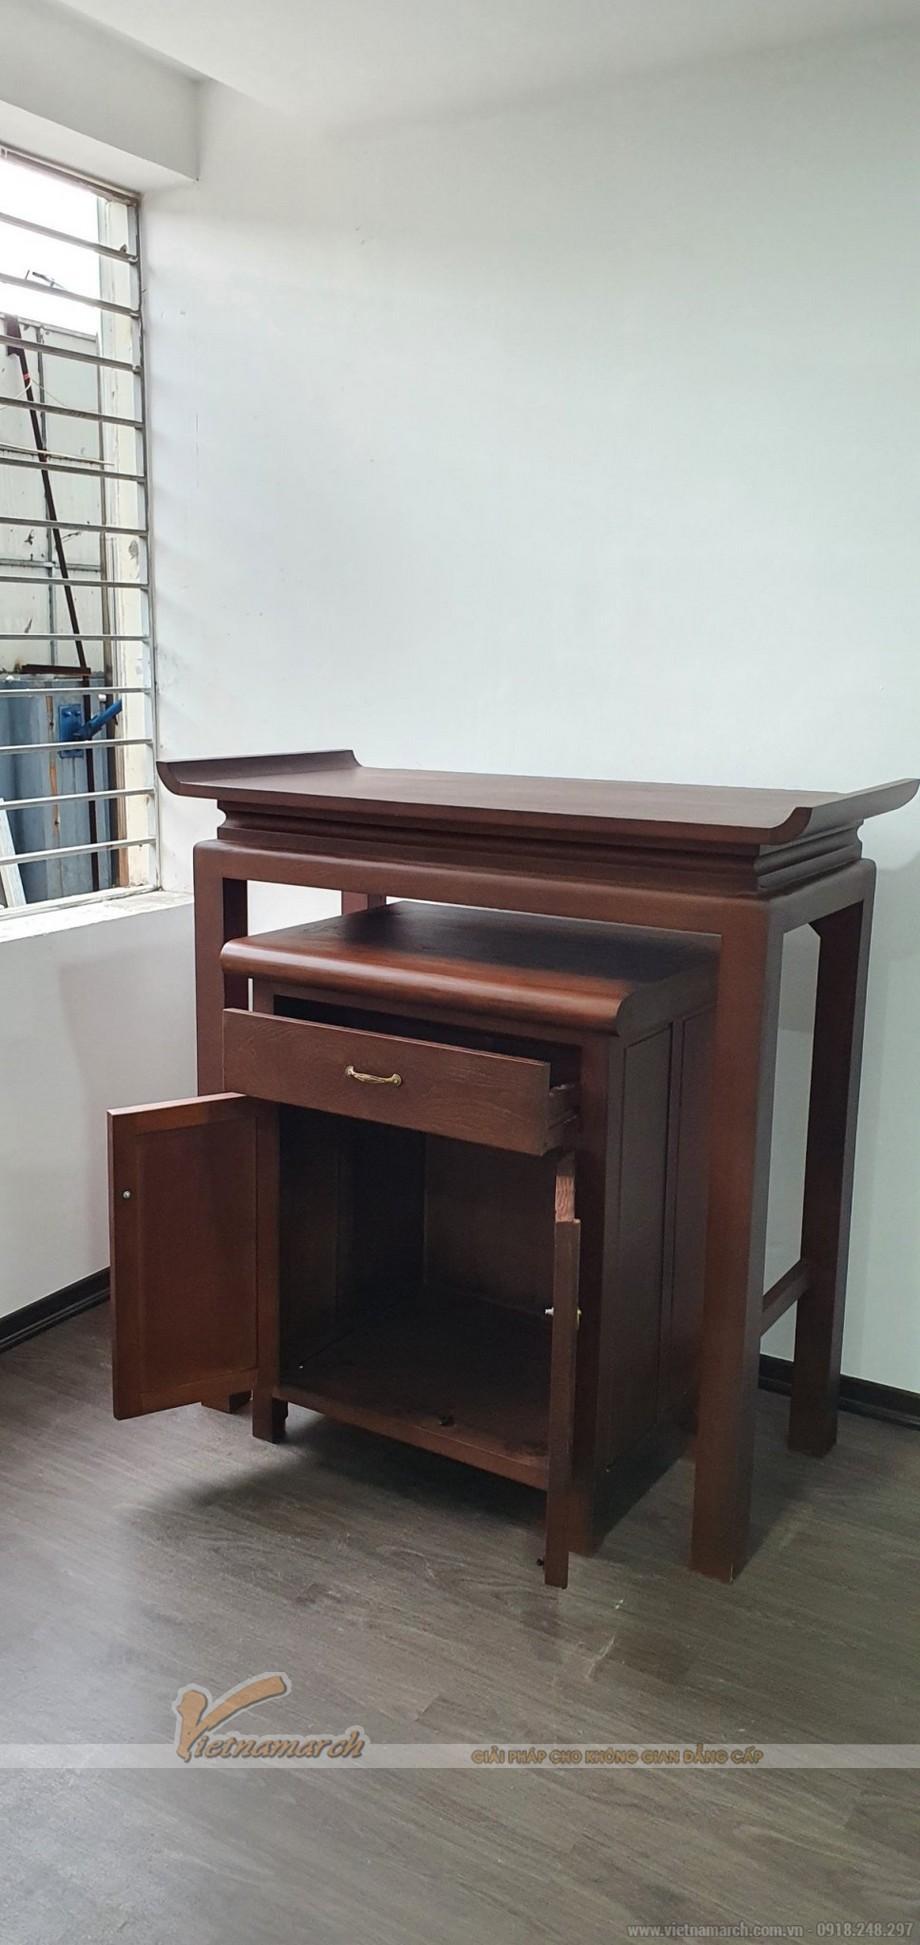 Mẫu bàn thờ đứng BTD09 cho chung cư CT12 kim văn kim lũ